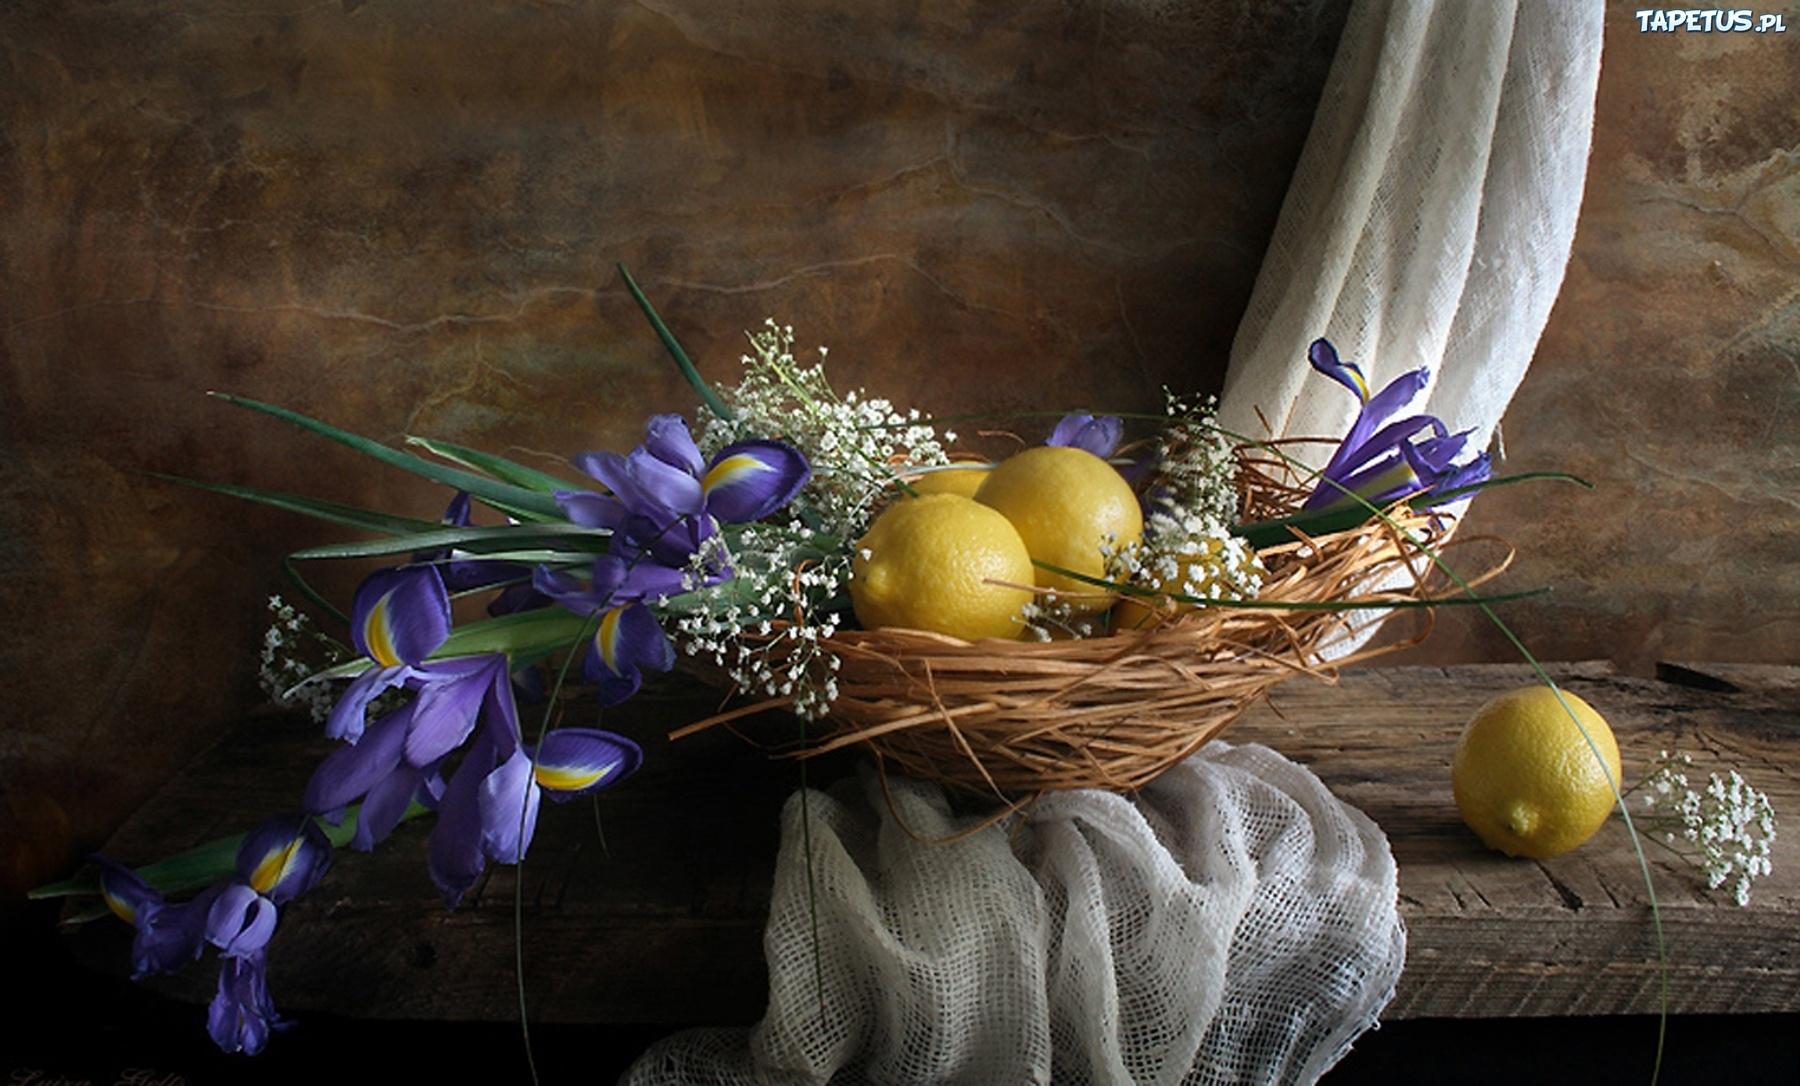 стол, ваза, цветы, лимон скачать